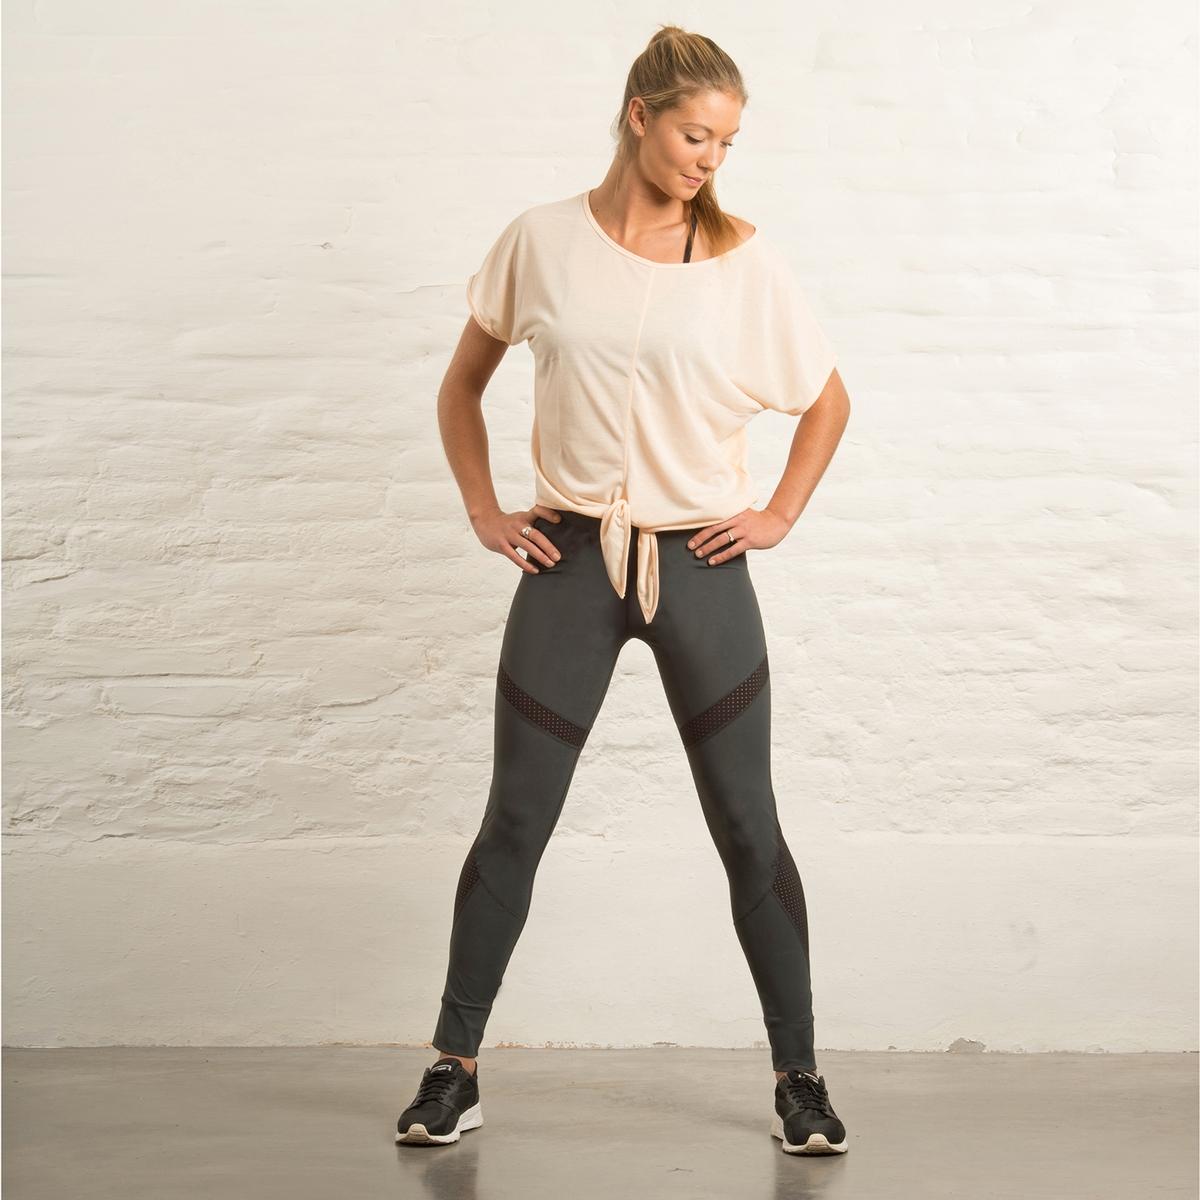 Футболка Lola yoga с бантикомЭта футболка свободного покроя с бантиком сочетает комфорт, стильный дизайн и женственность.Тщательно произведенный в Португалии мягкий материал с обработкой dry, напоминающий на ощупь хлопок, способствует отводу влаги и быстрому высыханию. • Футболка Yoga Loose с бантиком• 100 % полиэстер • Сделано в Португалии• Машинная стирка при 30°СРост нашего манекена 1M78 и размер 36/38, S.Объемный покрой, если ваш размер посередине, выбирайте модель меньшего размера<br><br>Цвет: телесный<br>Размер: XL